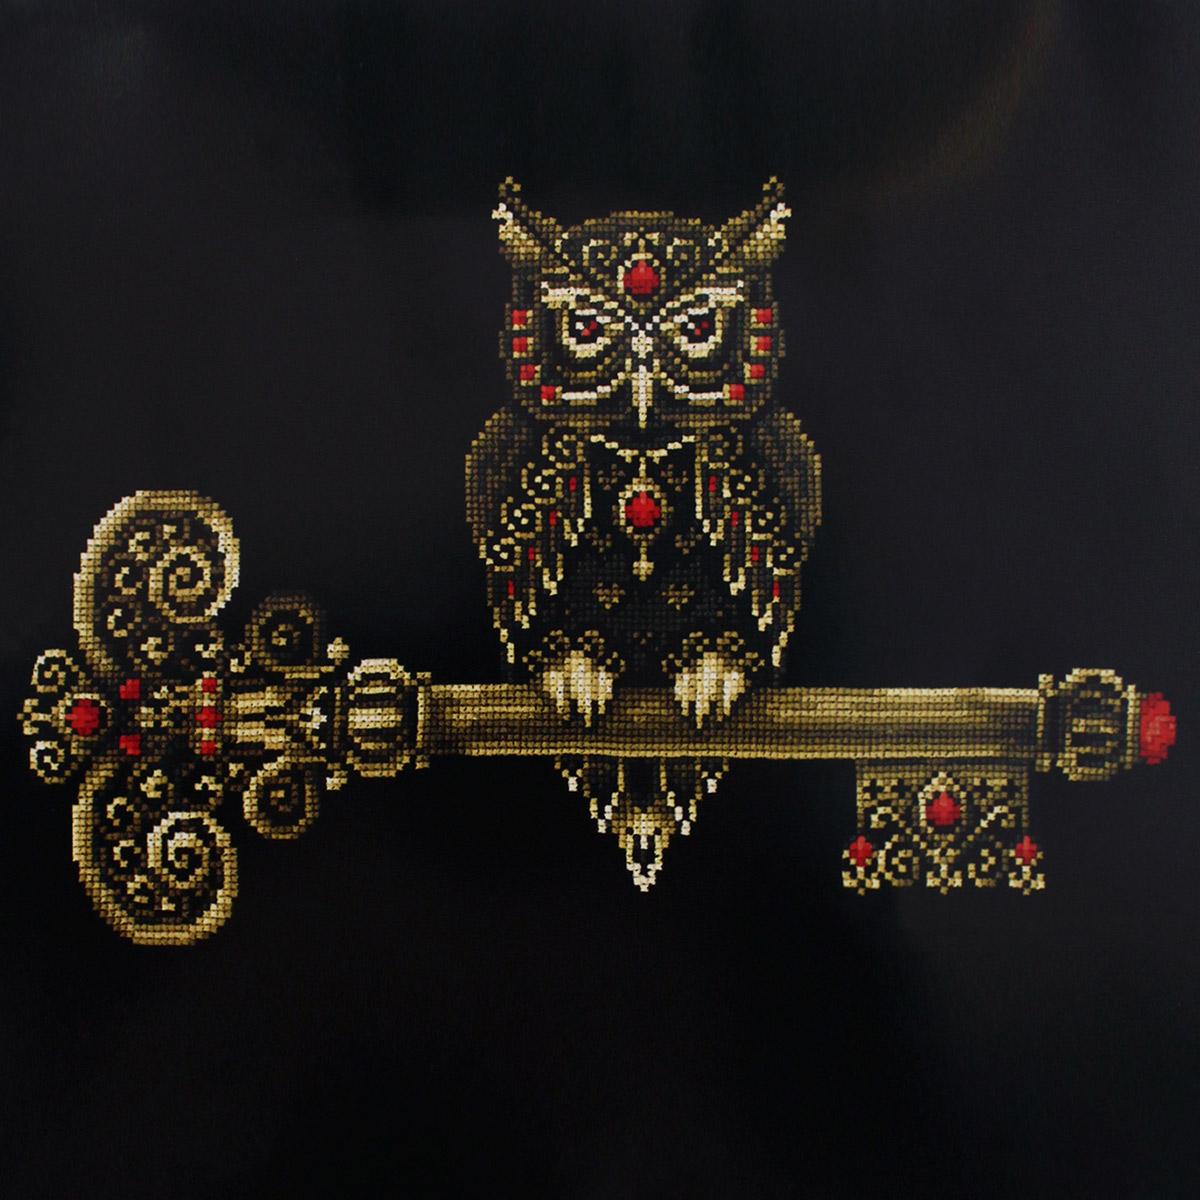 К-36 Набор для вышивания 'Ключ мудрости', 23*34 см